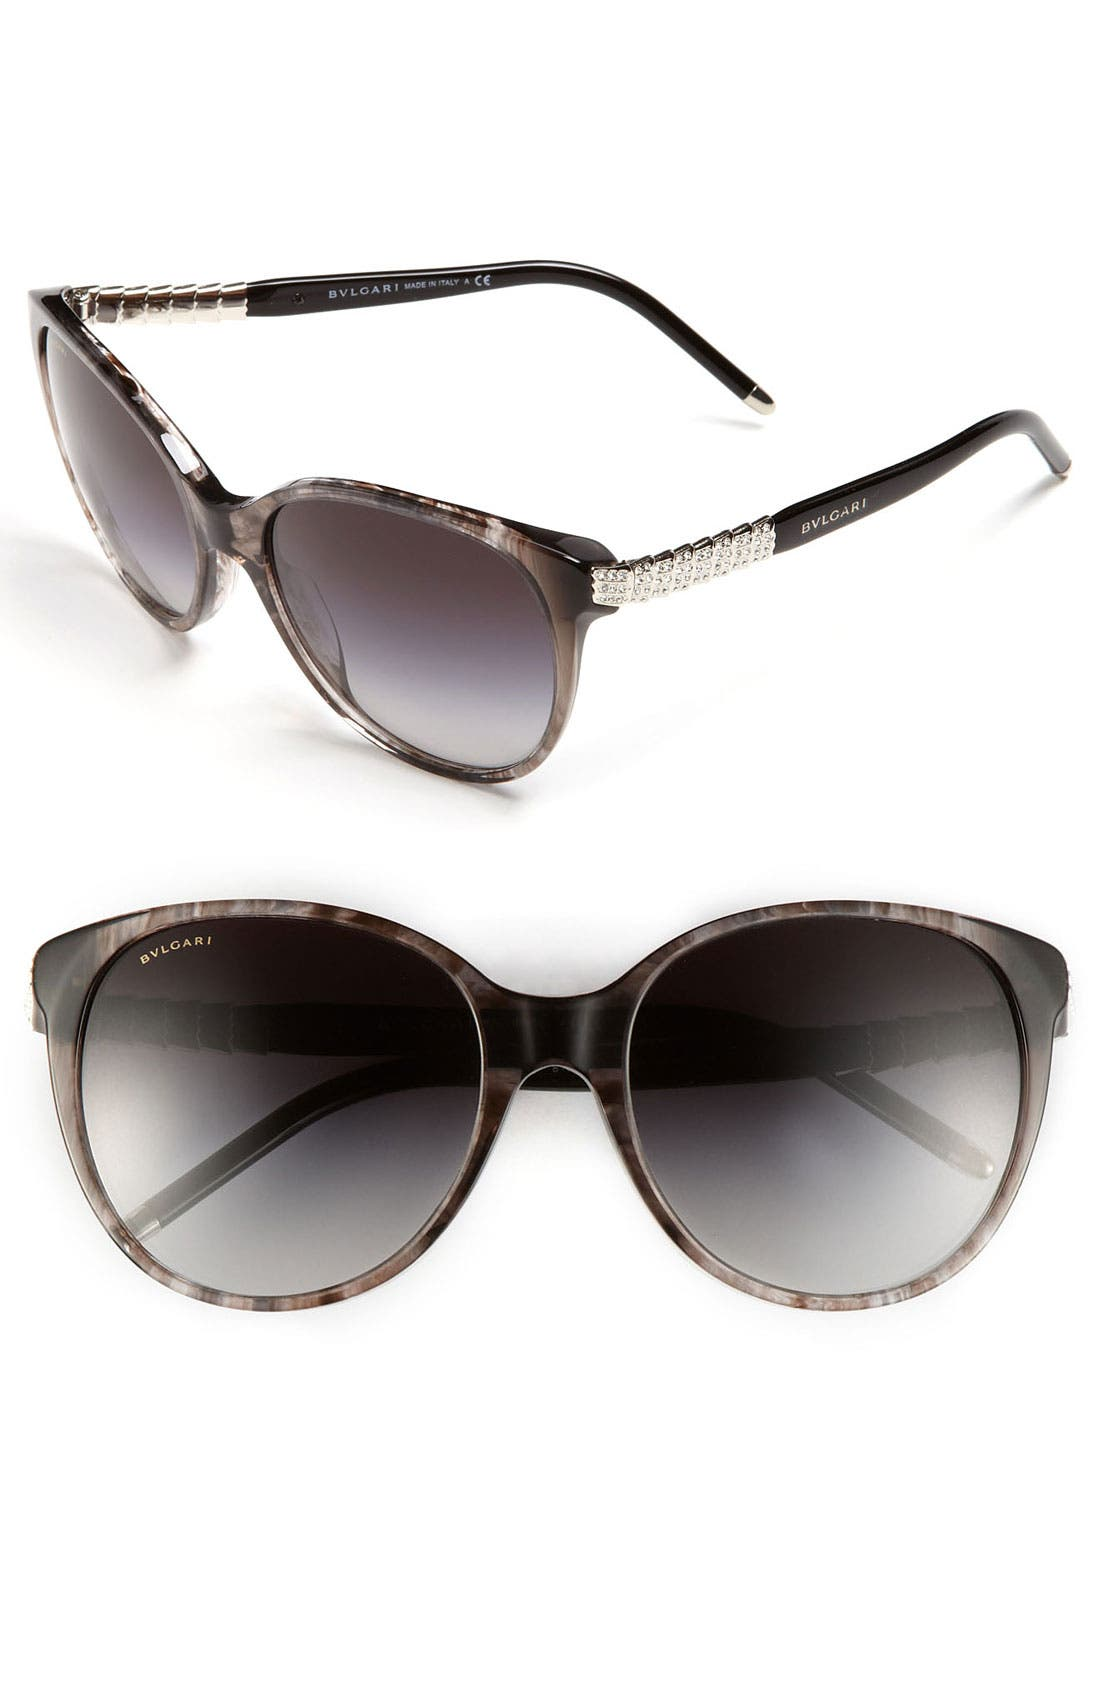 Alternate Image 1 Selected - BVLGARI 56mm Cat's Eye Sunglasses